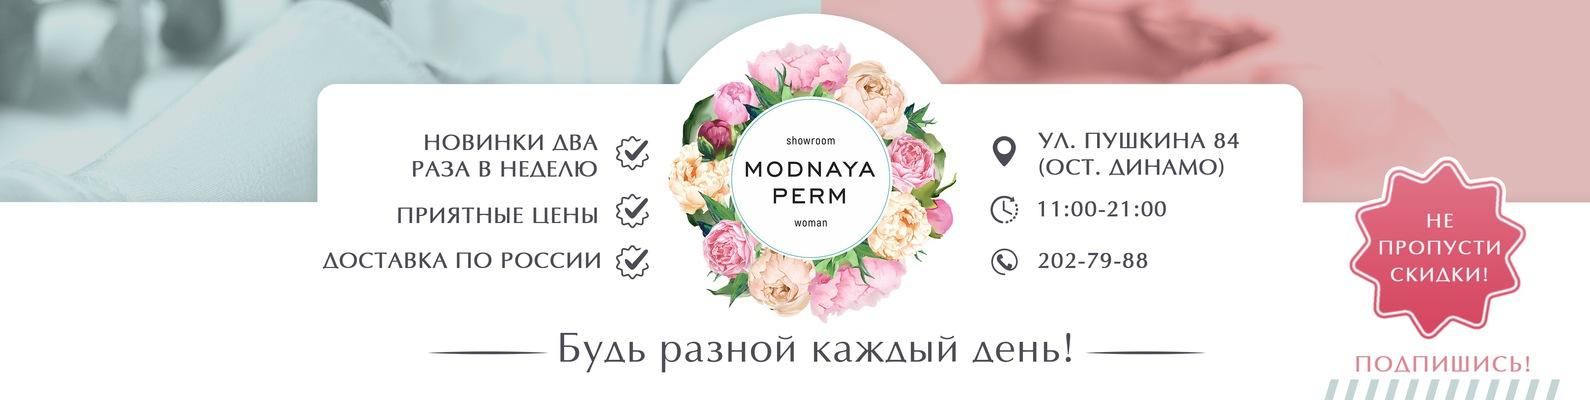 6dc21010de2 showroom MODNAYA PERM    шоу рум МОДНАЯ ПЕРМЬ